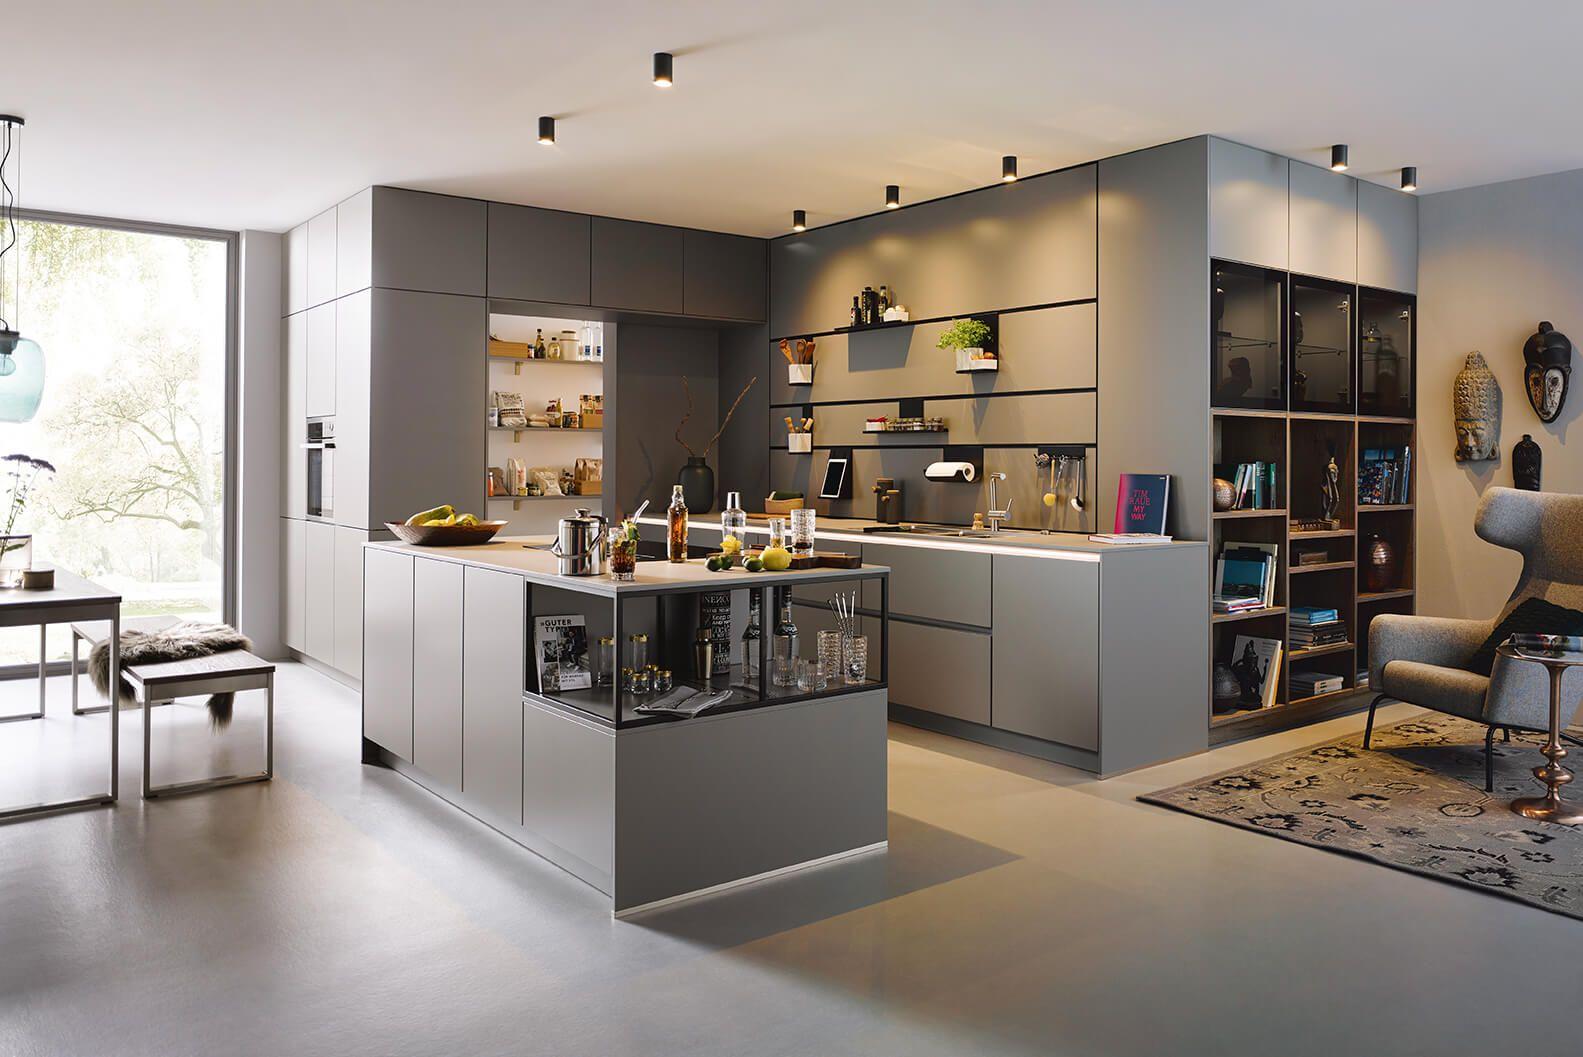 Onyx Black Kitchen Modern Kitchen Design Kitchen Room Design Kitchen Design